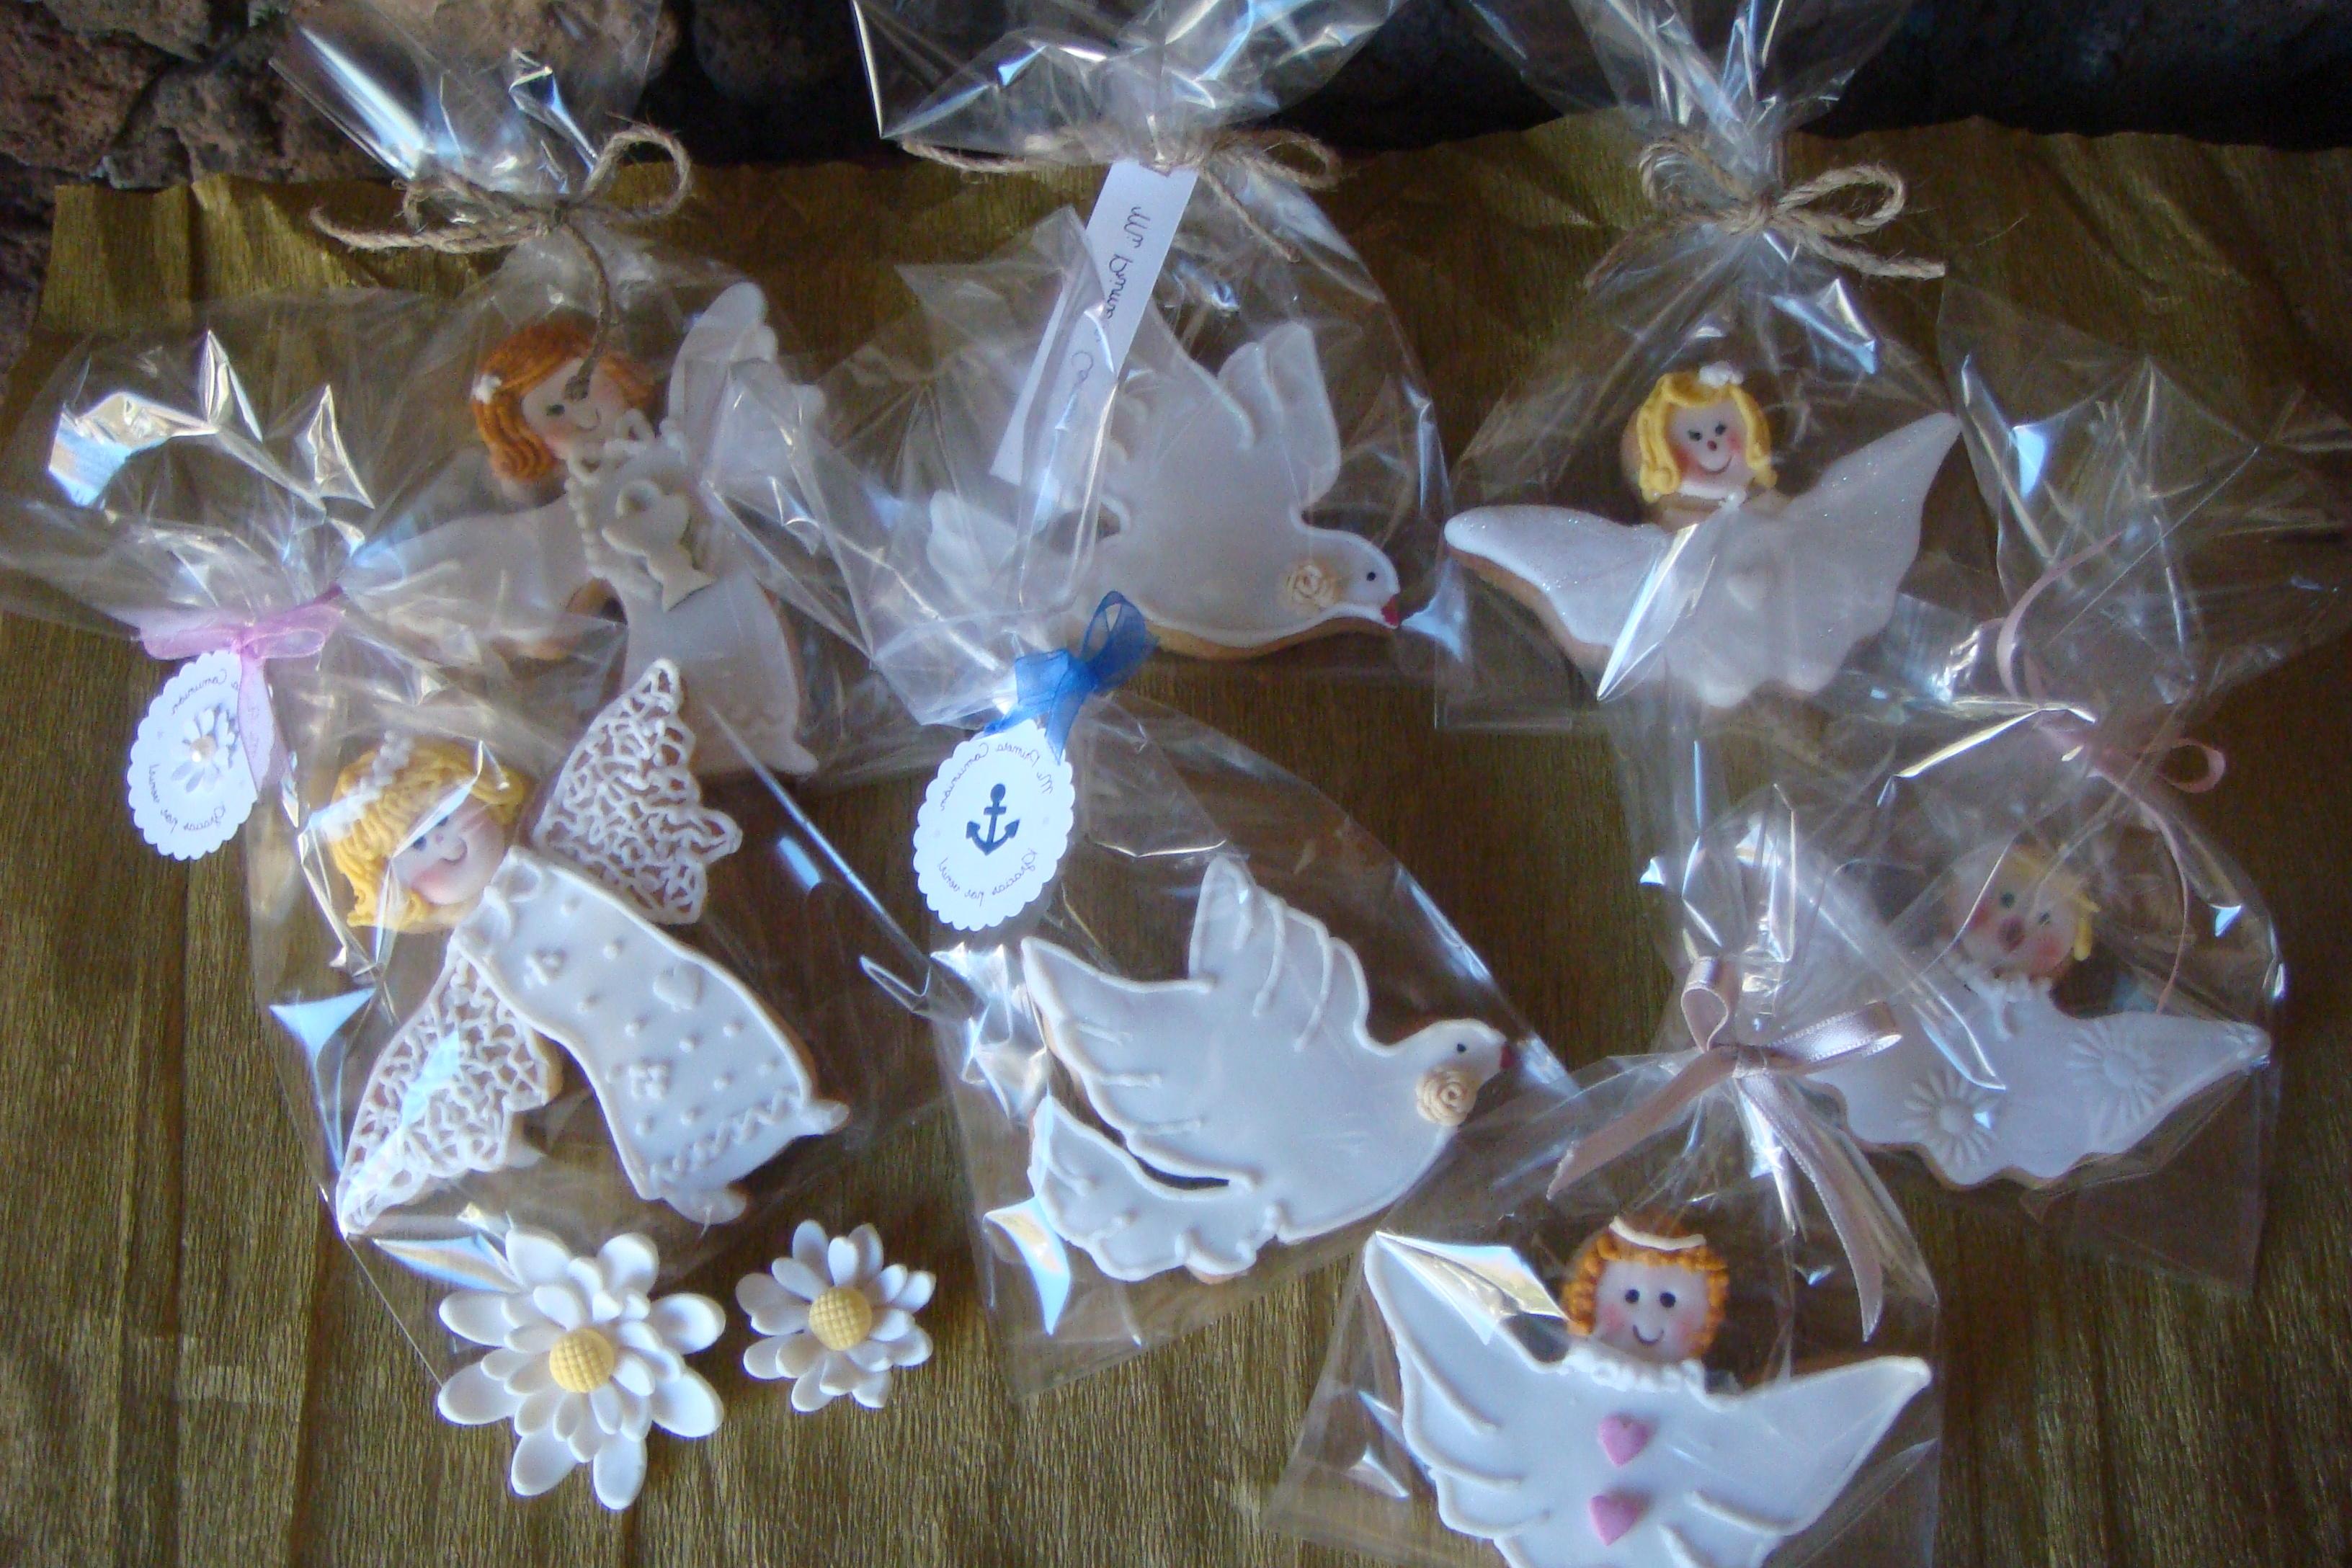 Como Decorar Una Mesa De Comunion Para Niño Wddj souvenris Unià N En Lanzarote Fiesta Y Pasteles